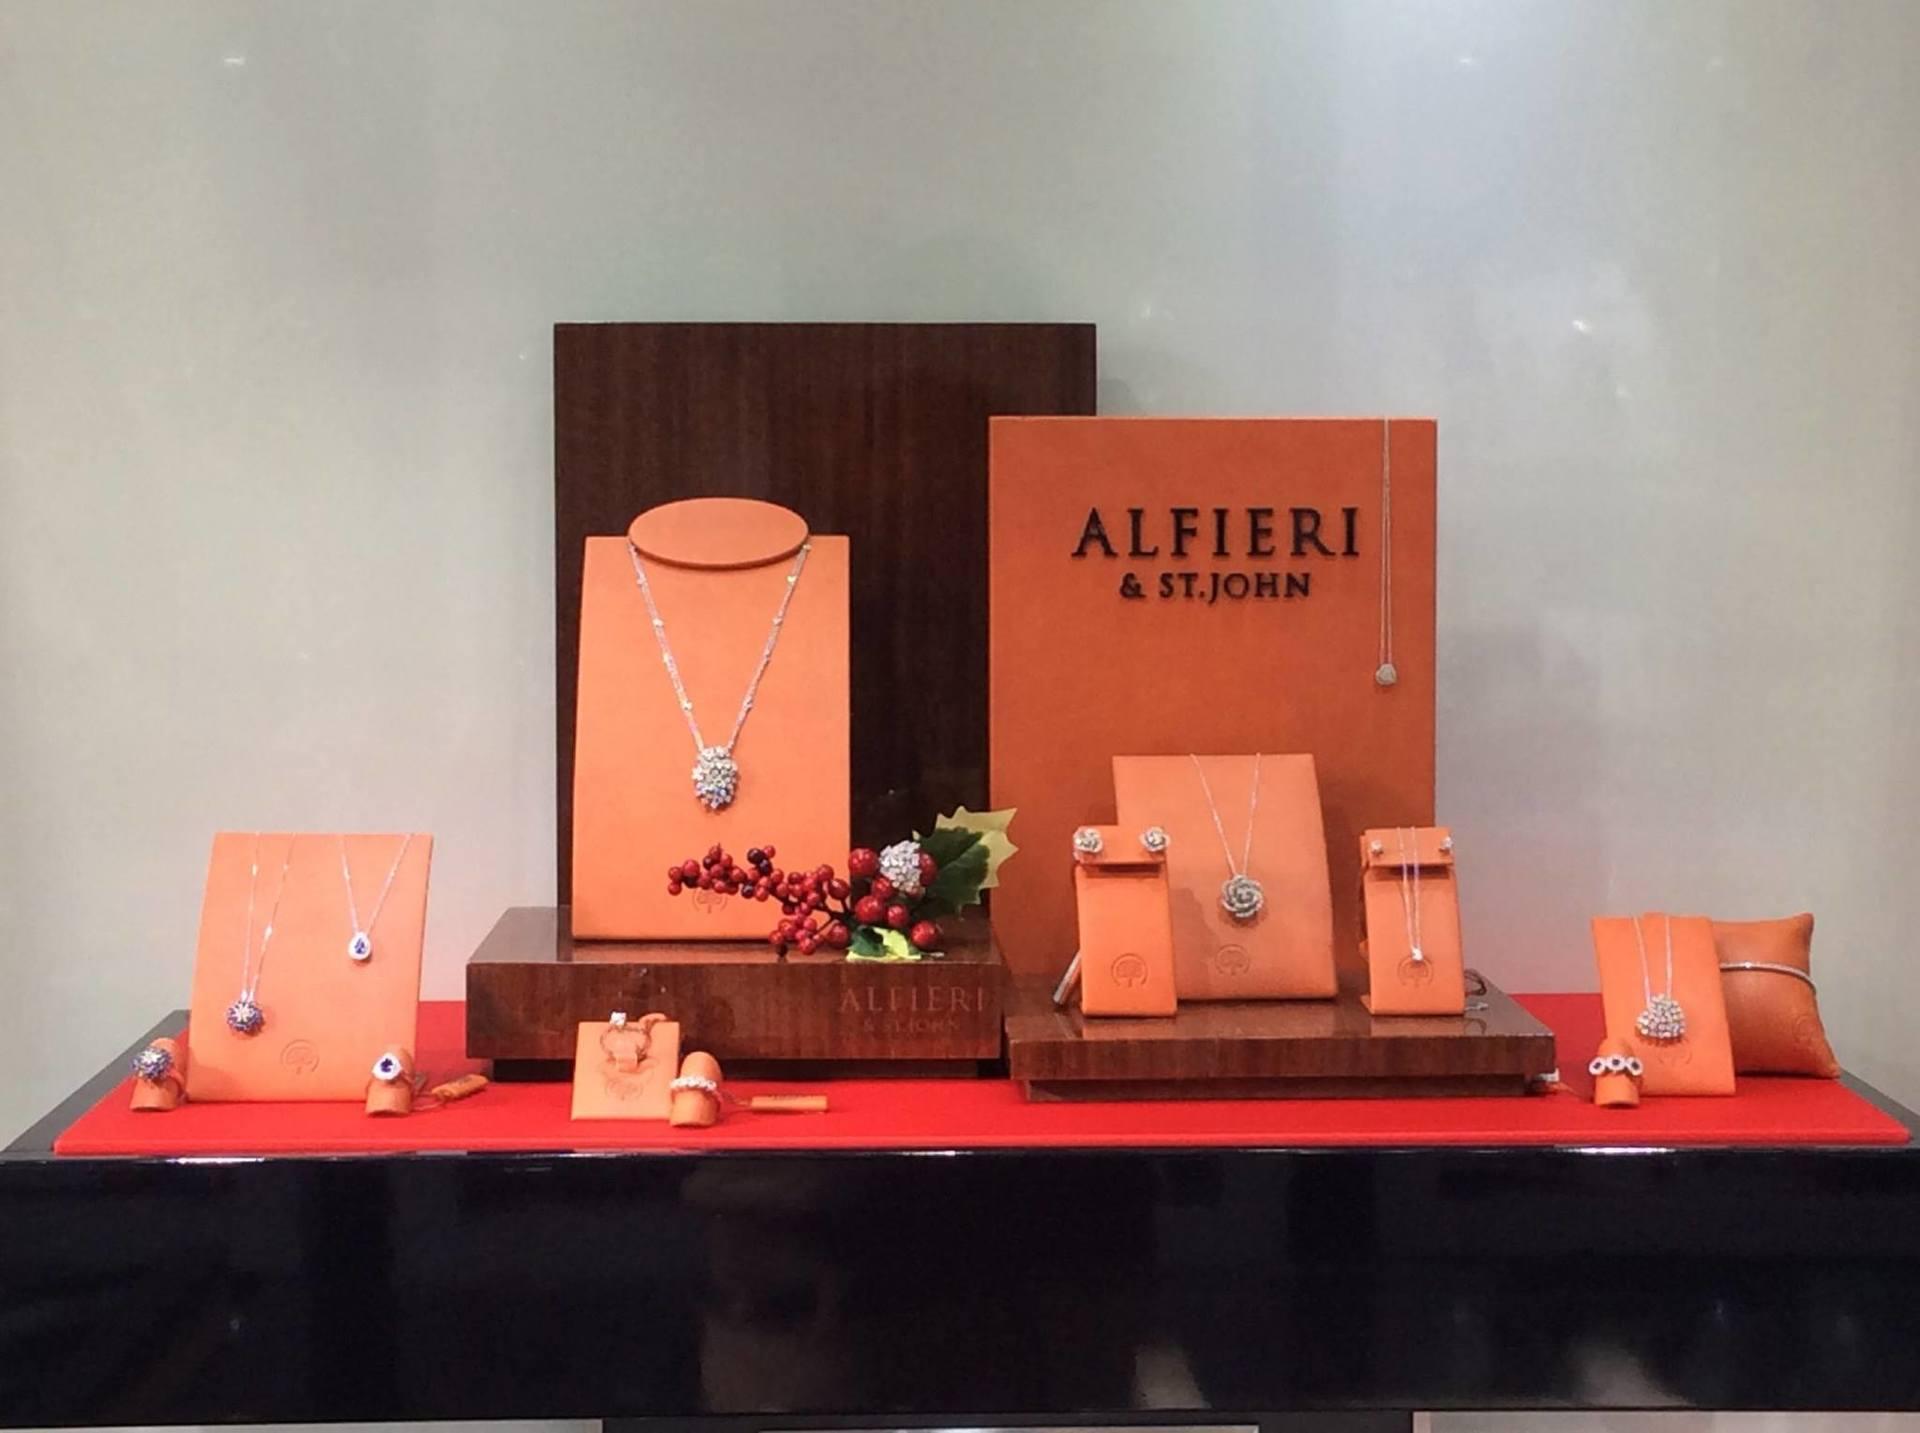 vetrina dell'esterno del negozio con alcuni gioielli